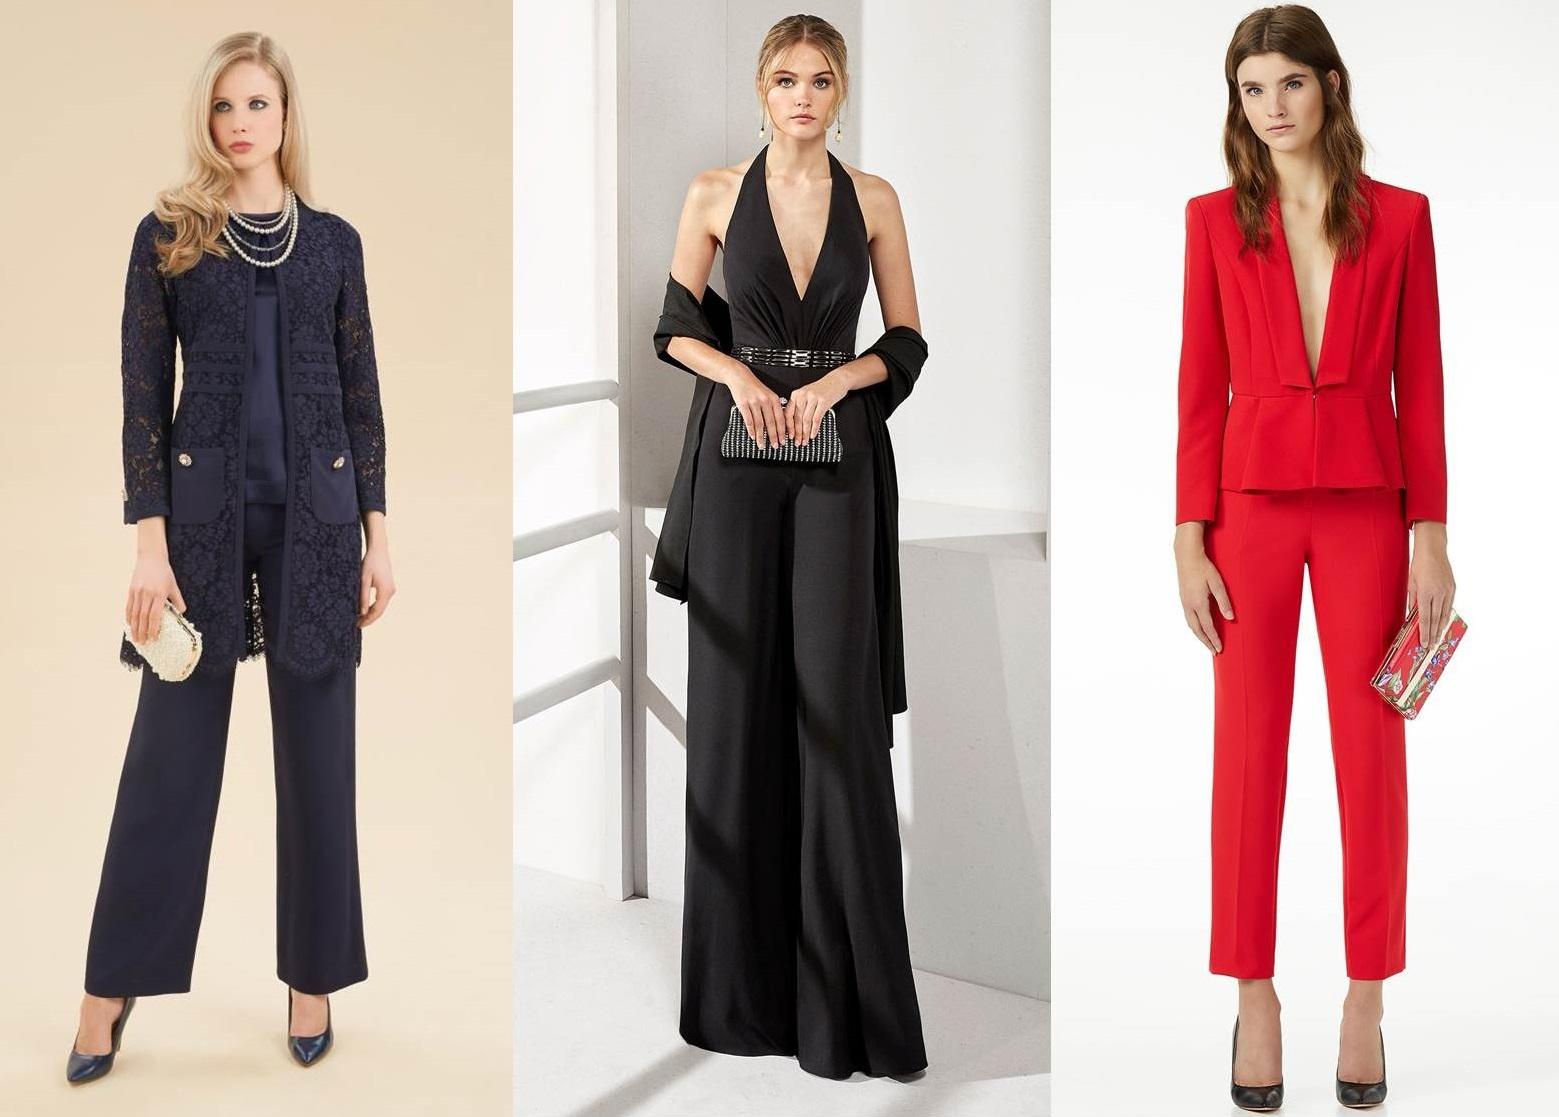 brand new f4e2d 01924 Abiti da cerimonia con pantaloni: tailleur, completi e non ...